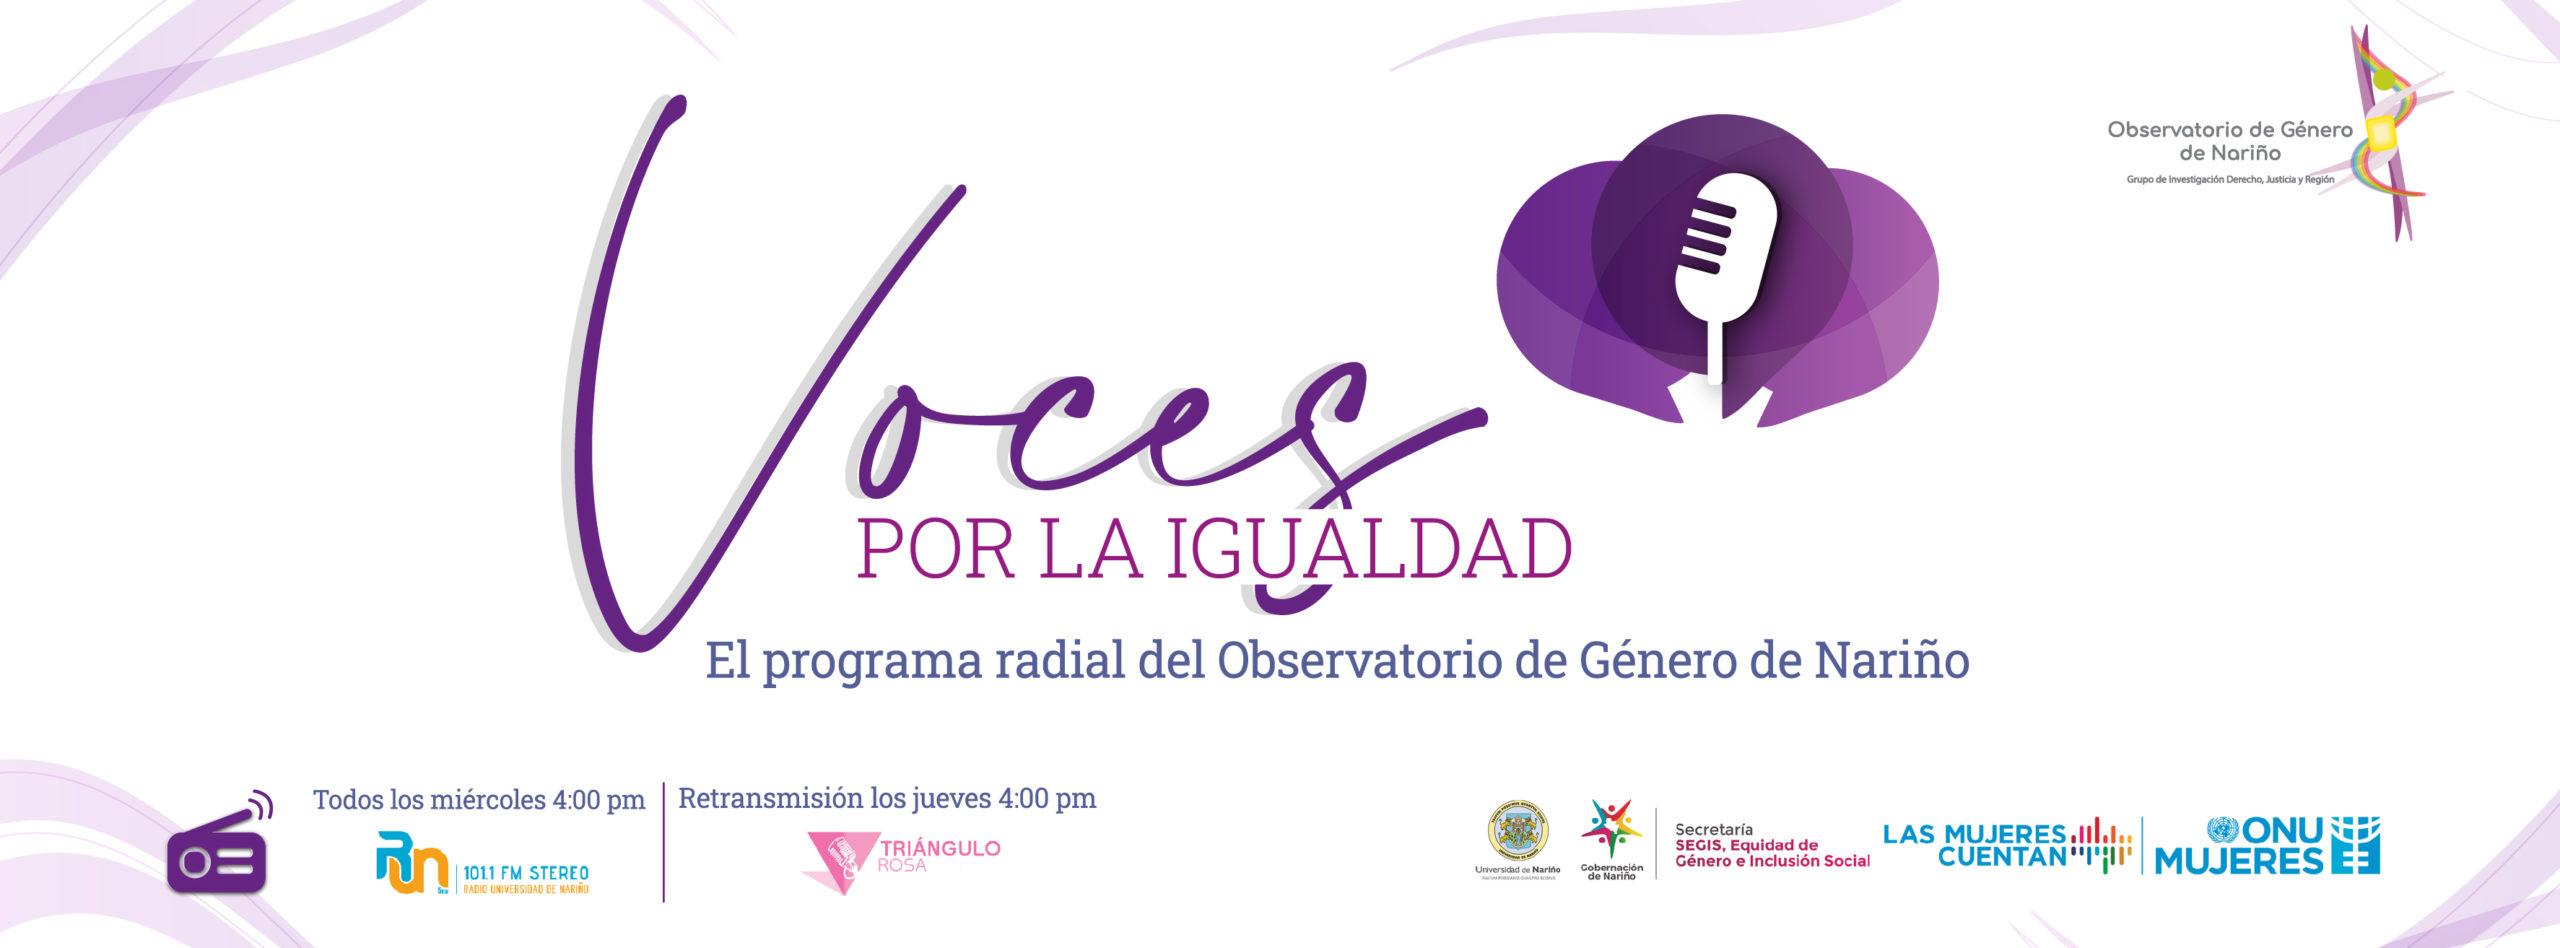 Programa Radial Observatorio de Género de Nariño